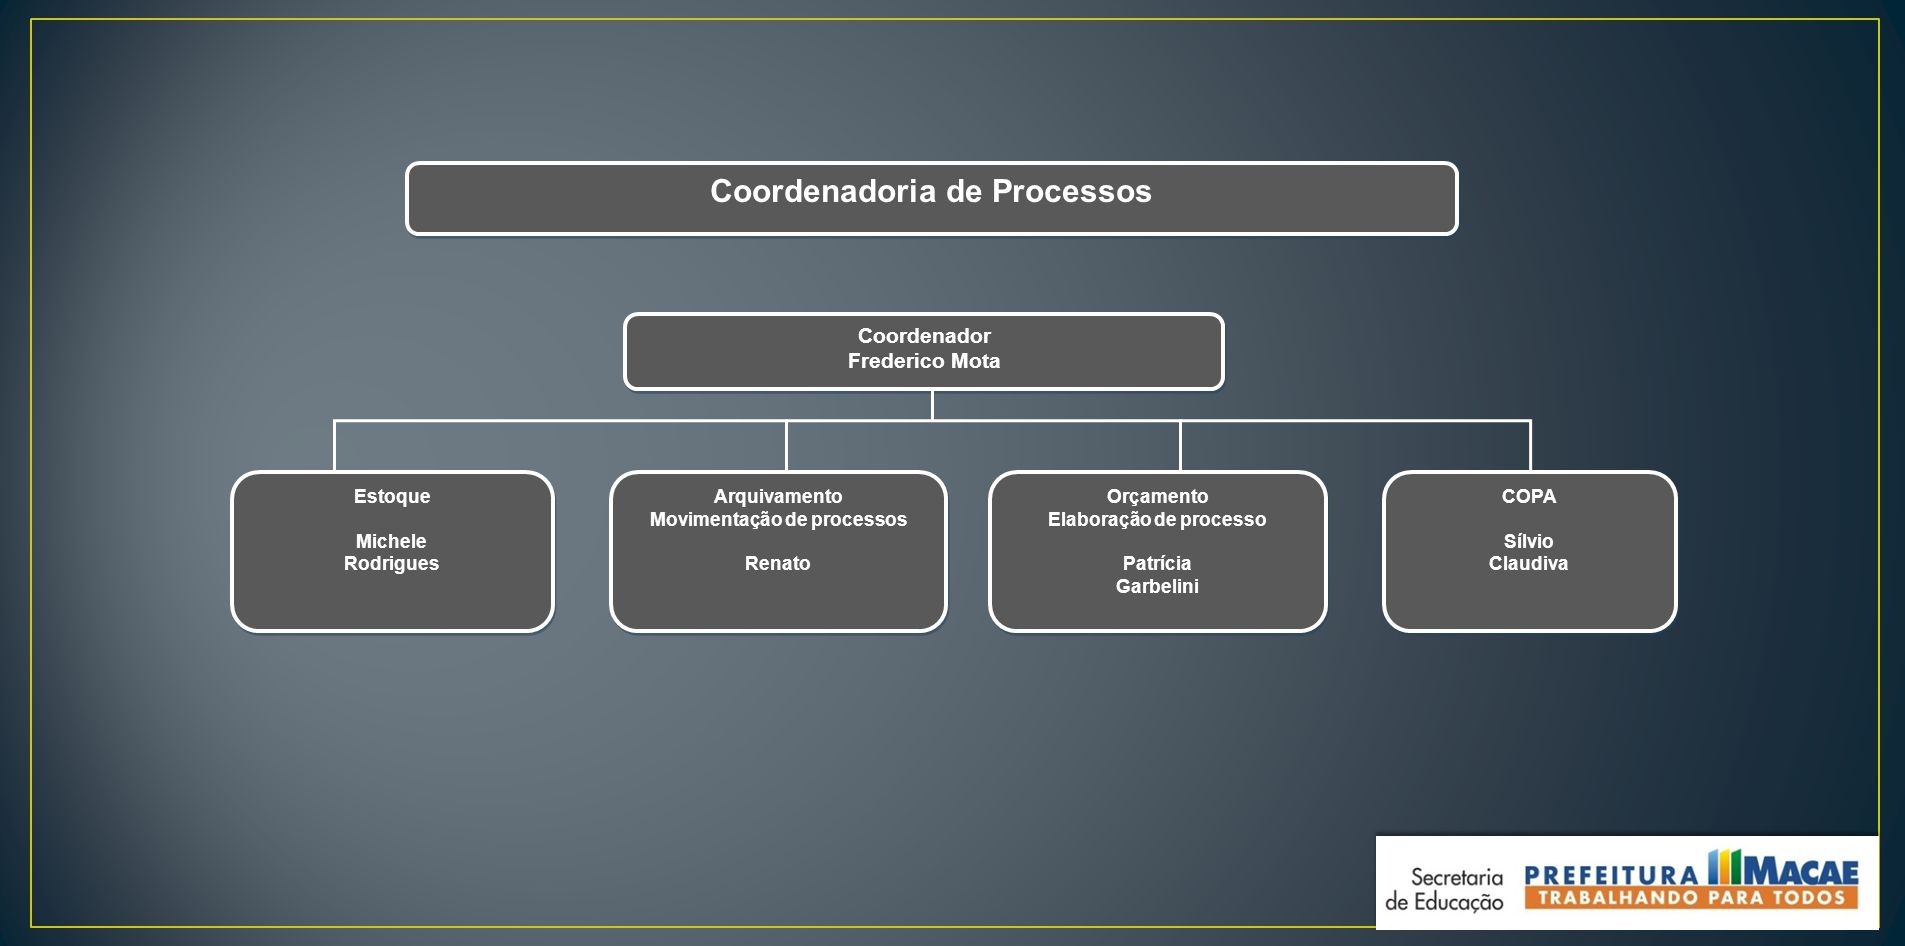 Coordenadoria de Processos